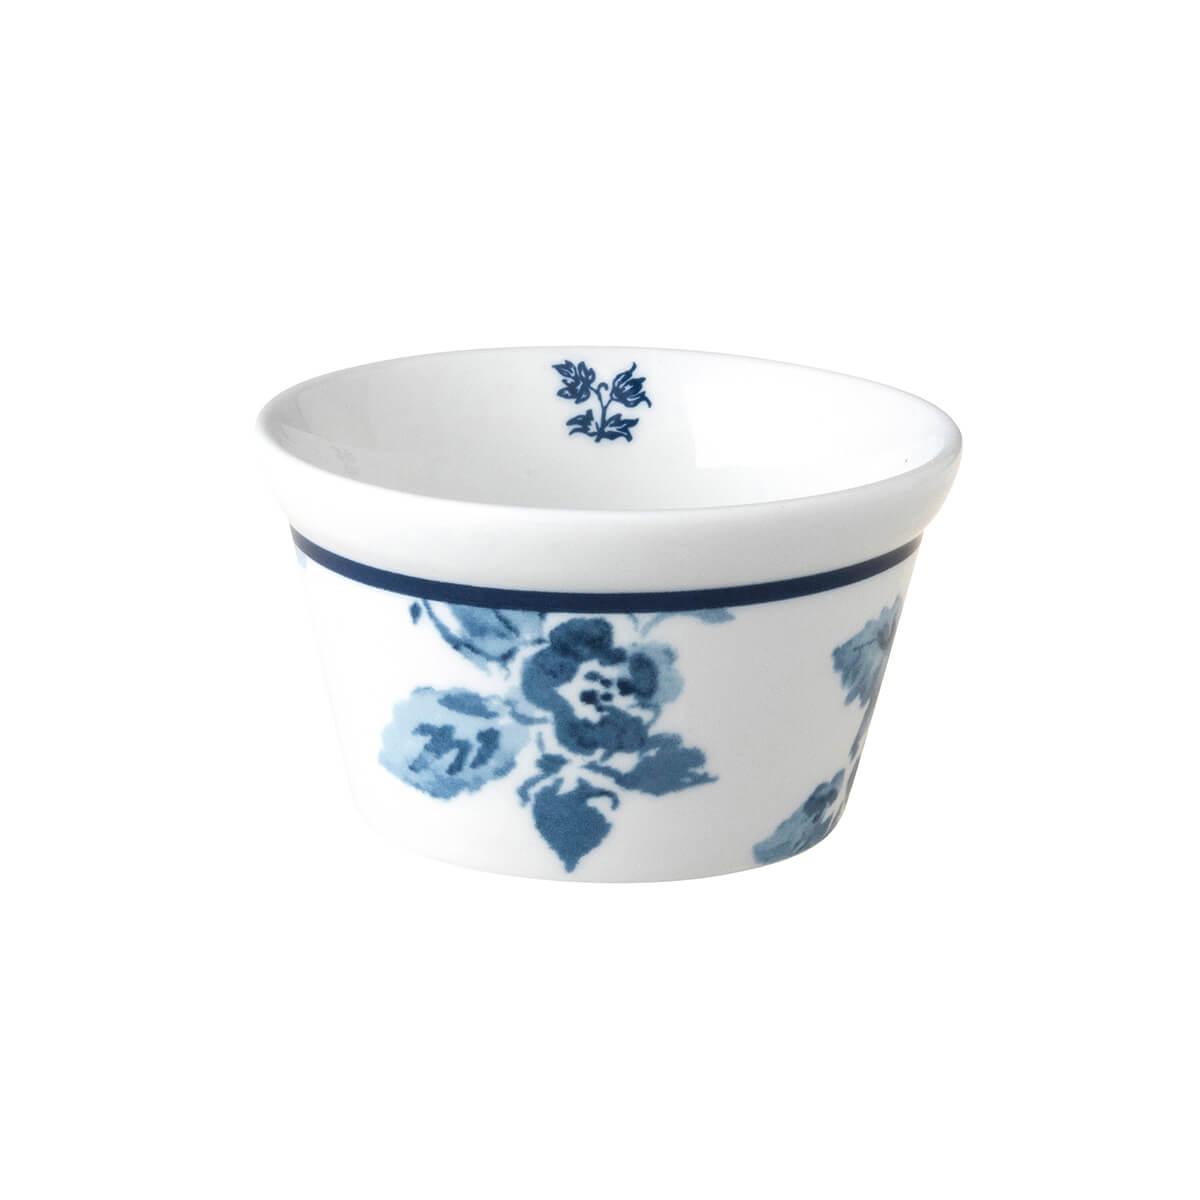 Онлайн каталог PROMENU: Форма порционная фарфоровая Laura Ashley BLUEPRINT, 9 см, белый с синими розами                               179359